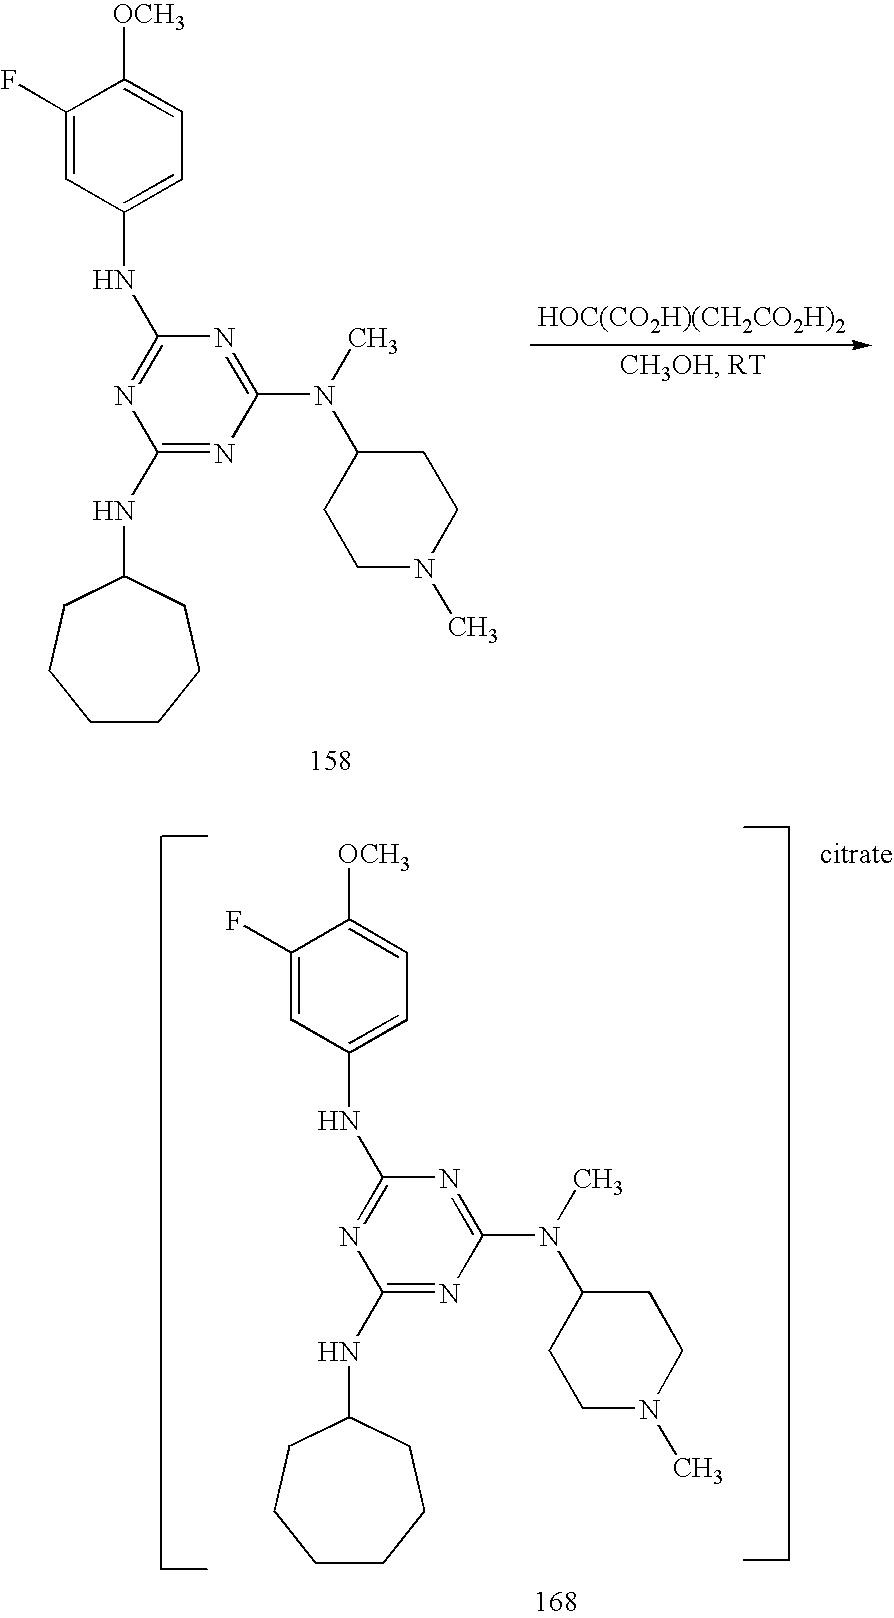 Figure US20050113341A1-20050526-C00189